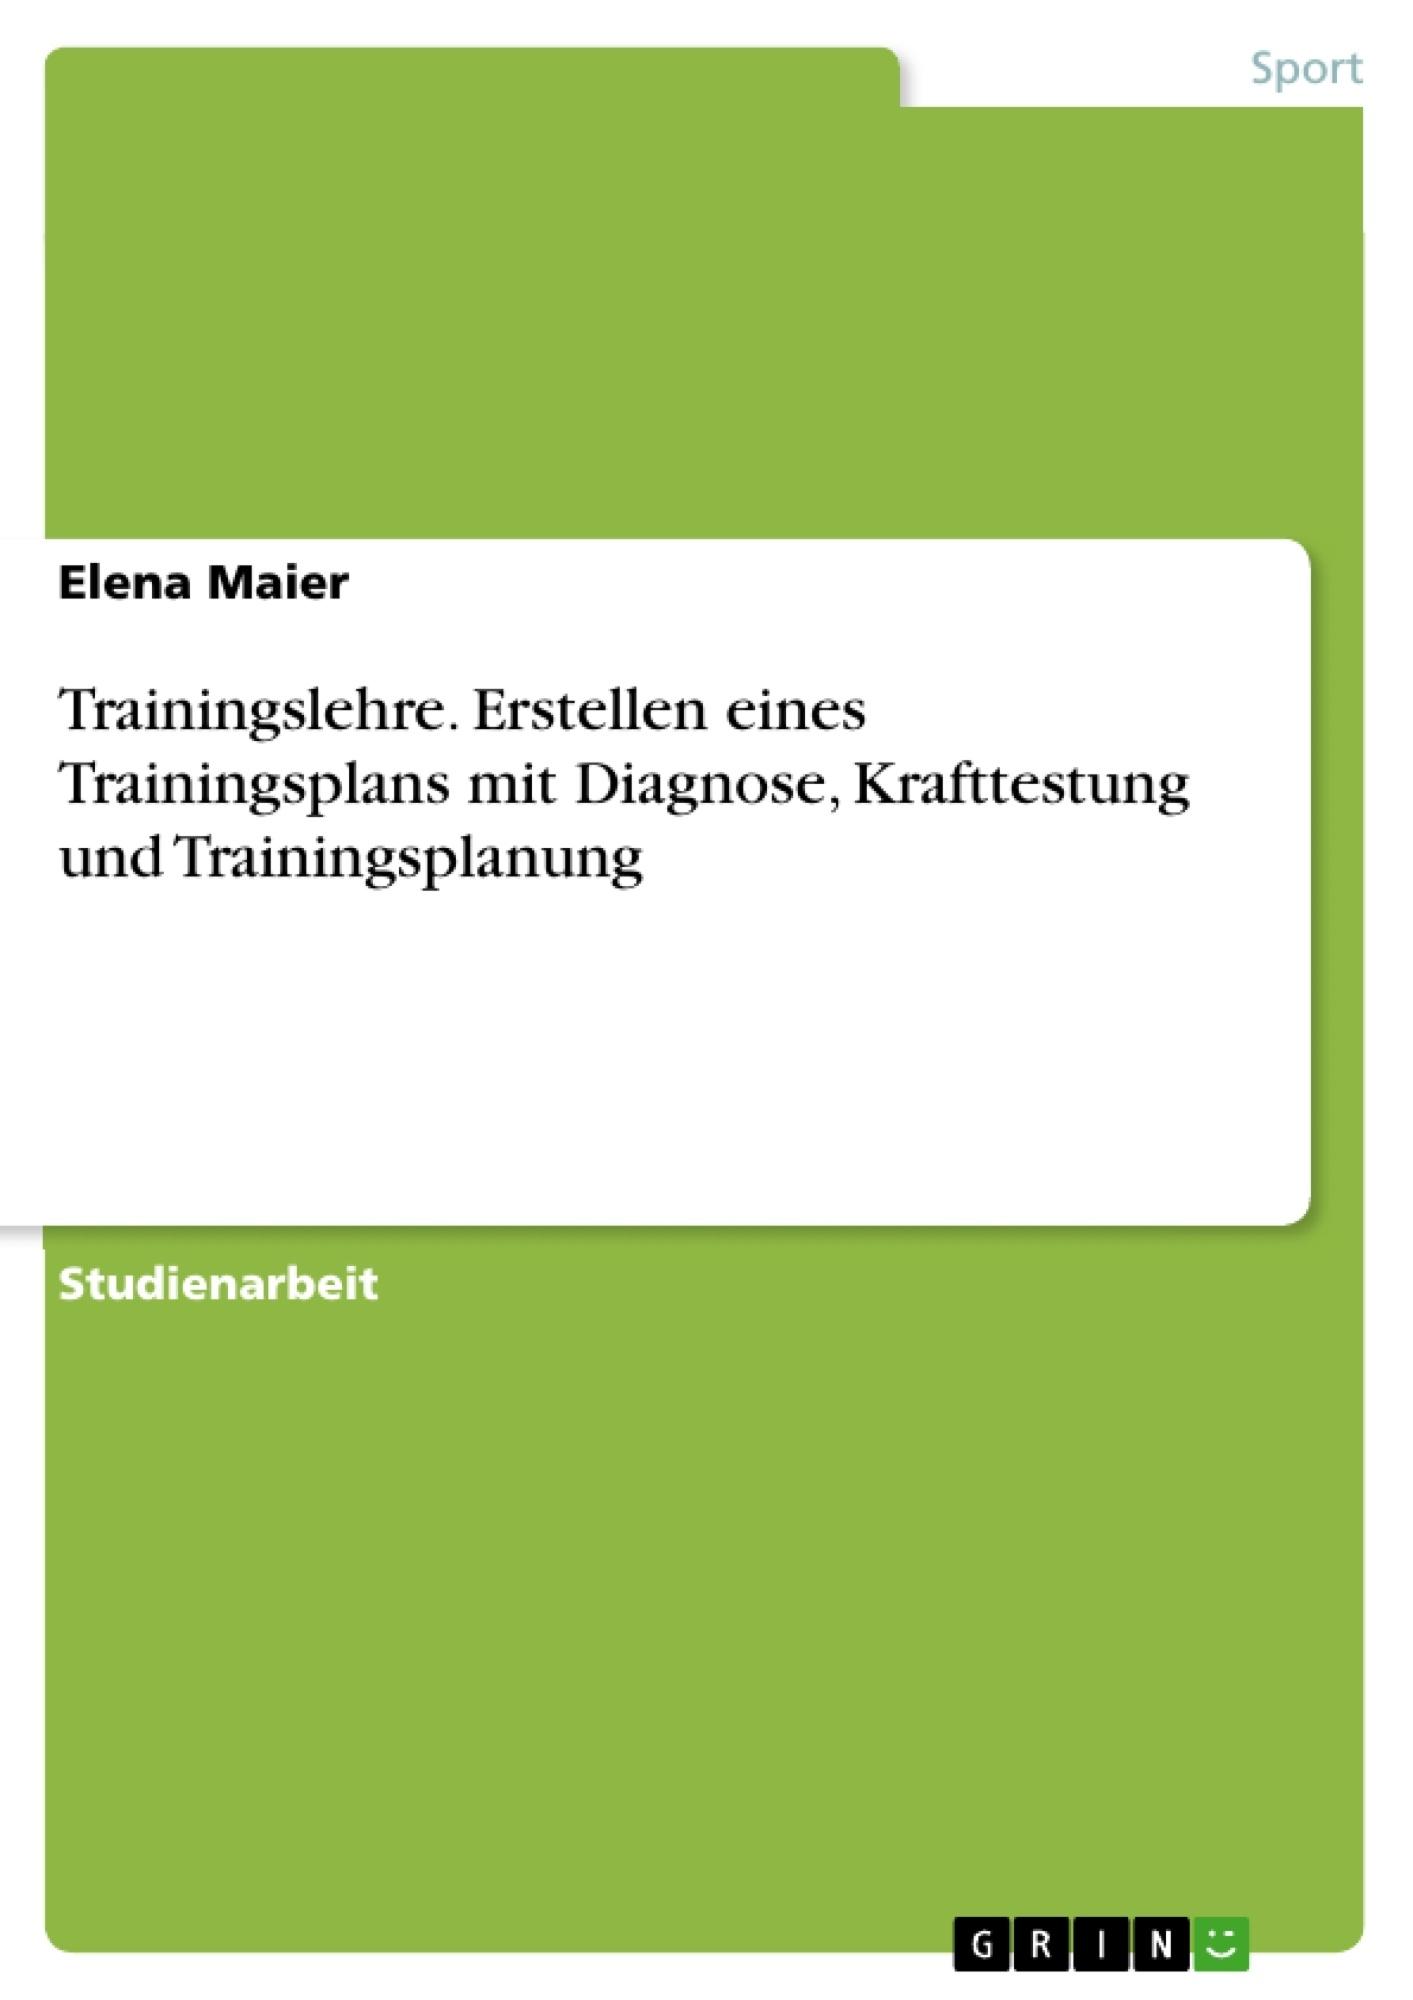 Titel: Trainingslehre. Erstellen eines Trainingsplans mit Diagnose, Krafttestung und Trainingsplanung